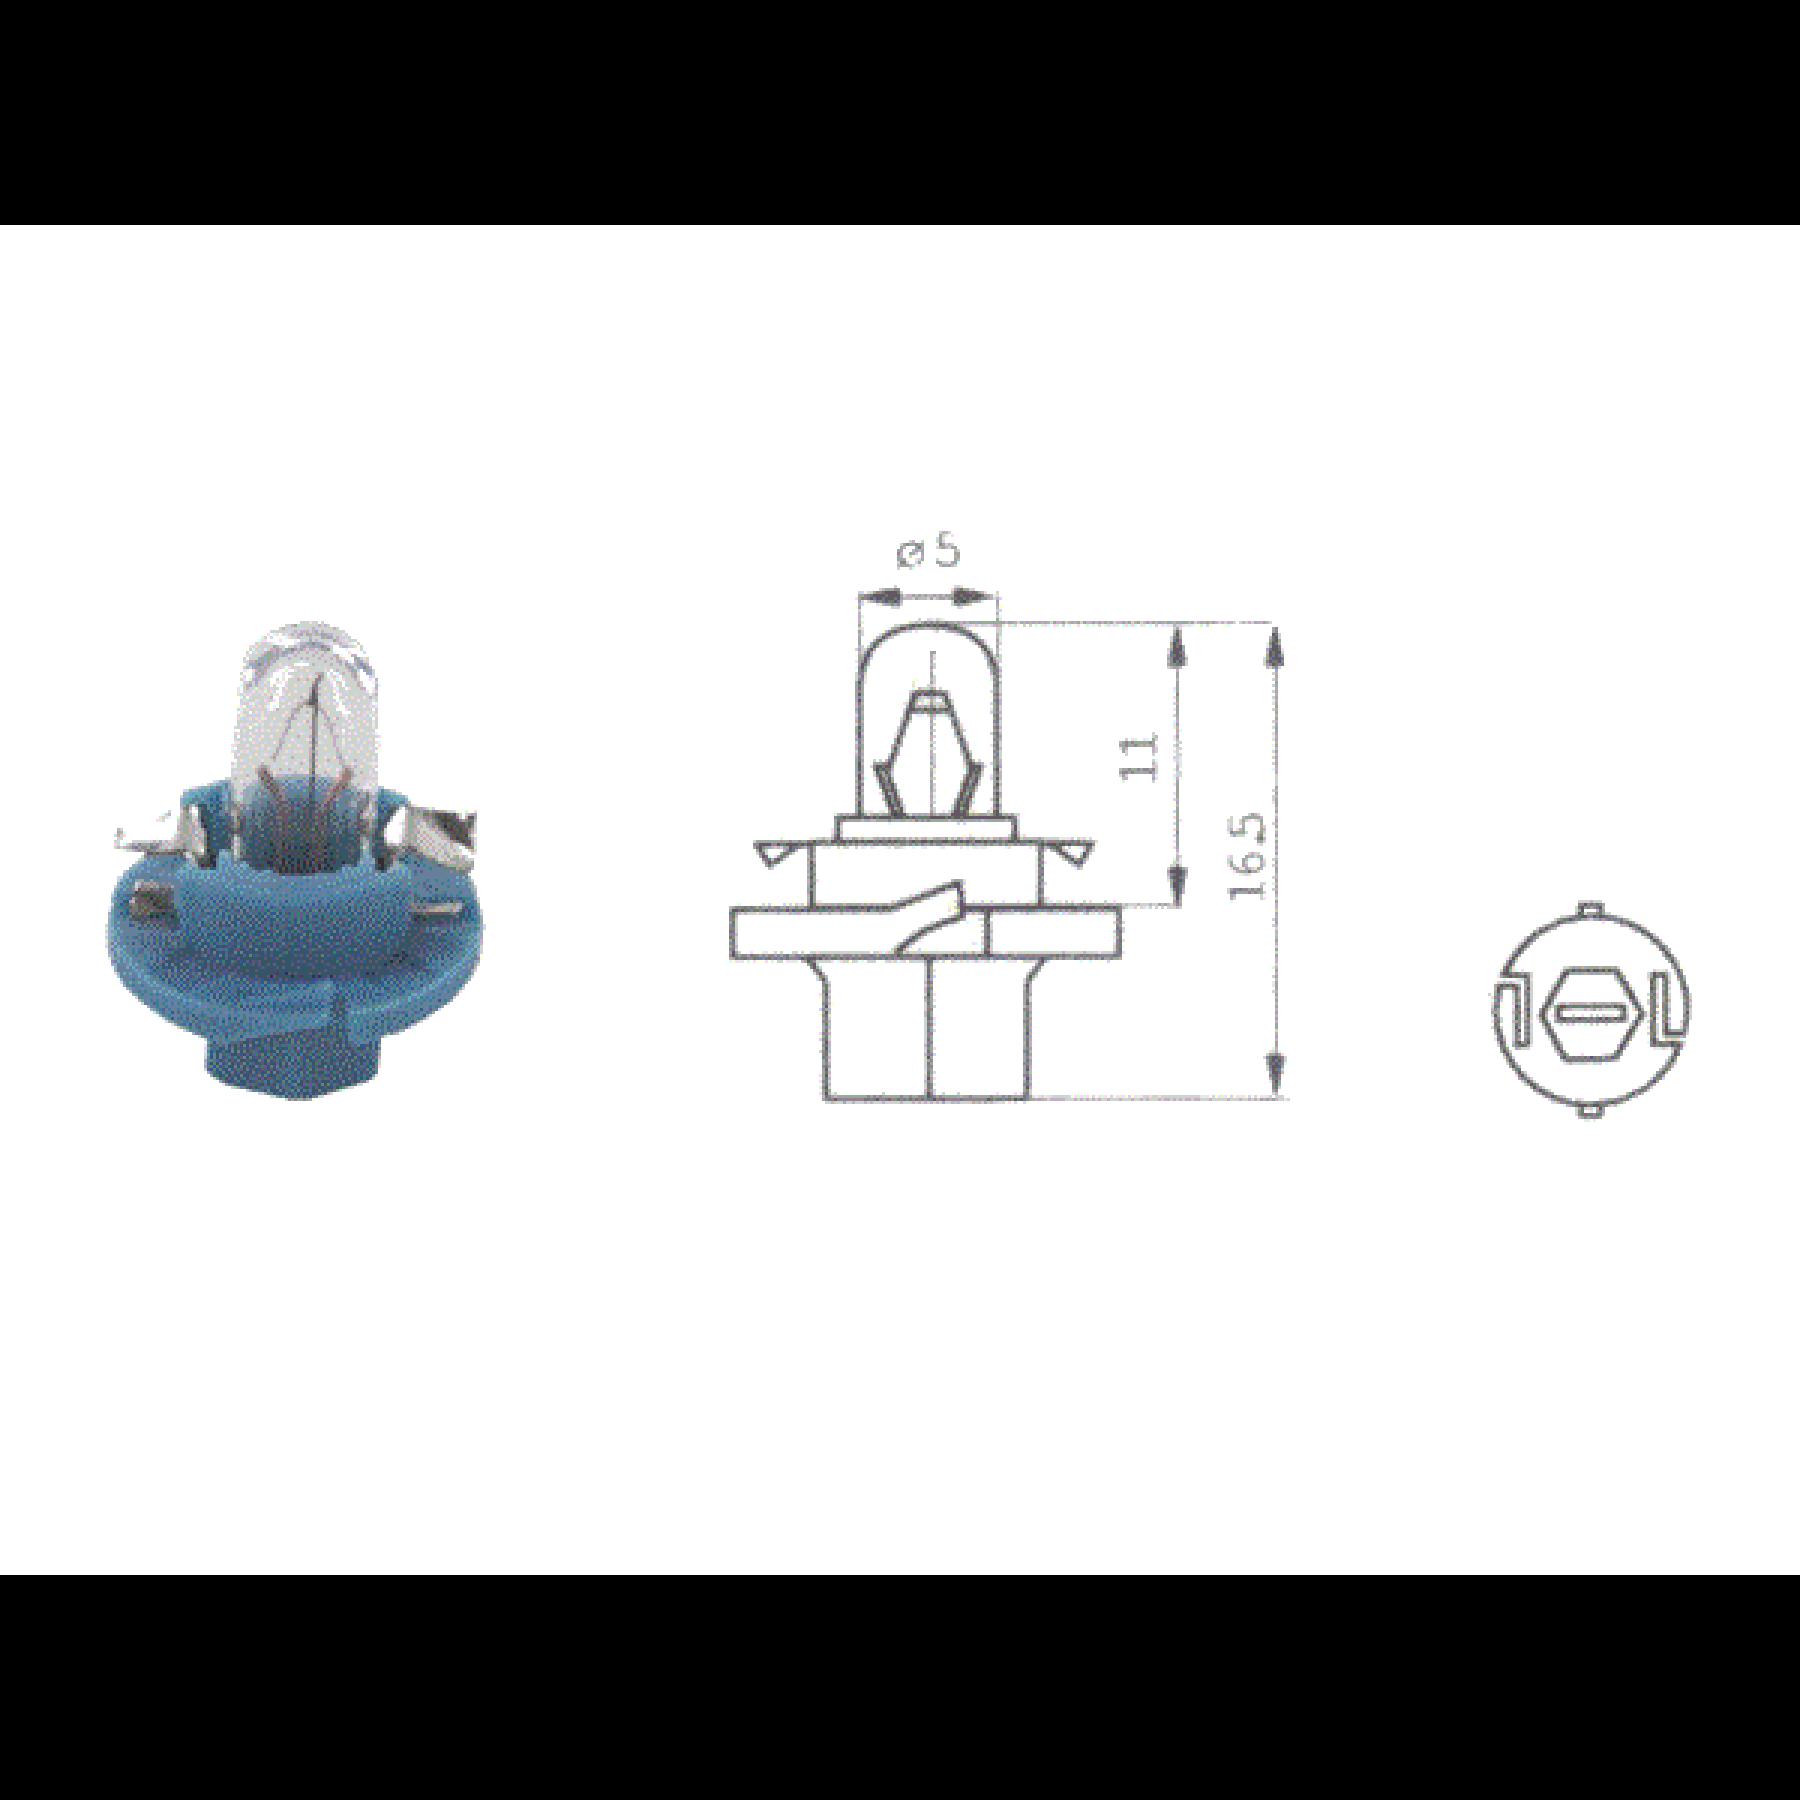 Lamp 12V 1.2W Blauw B8.4D kunststof fitting